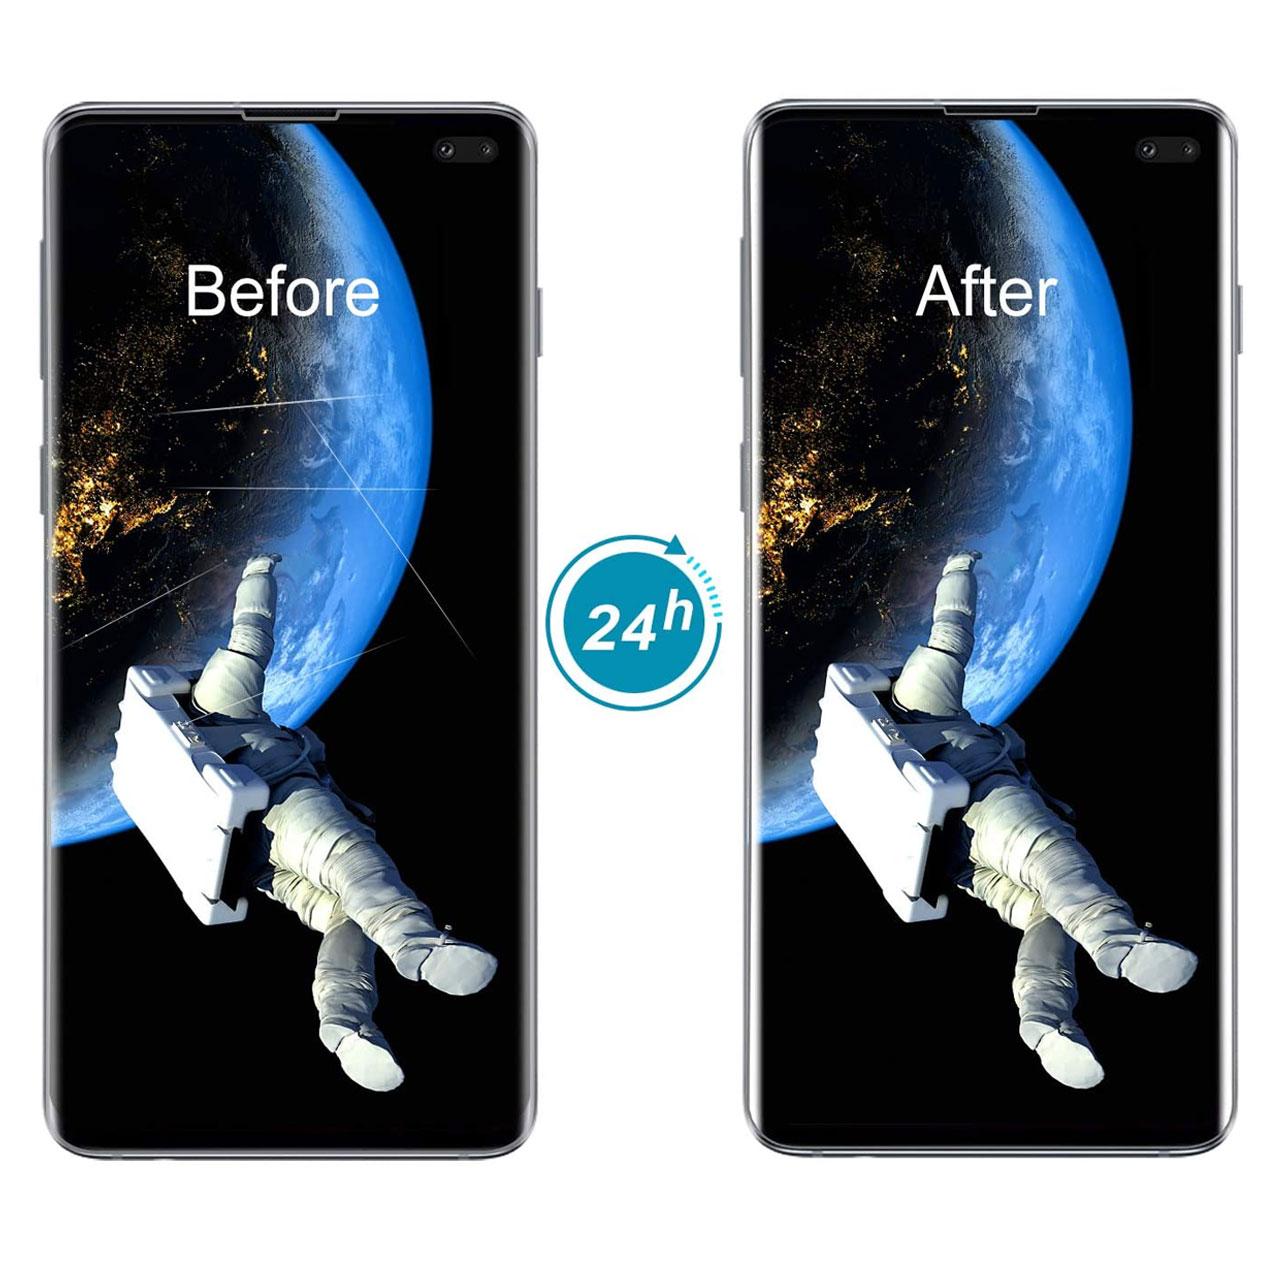 محافظ صفحه نمایش نانو هورس مدل FSN مناسب برای گوشی موبایل سامسونگ Galaxy S10 Plus main 1 5